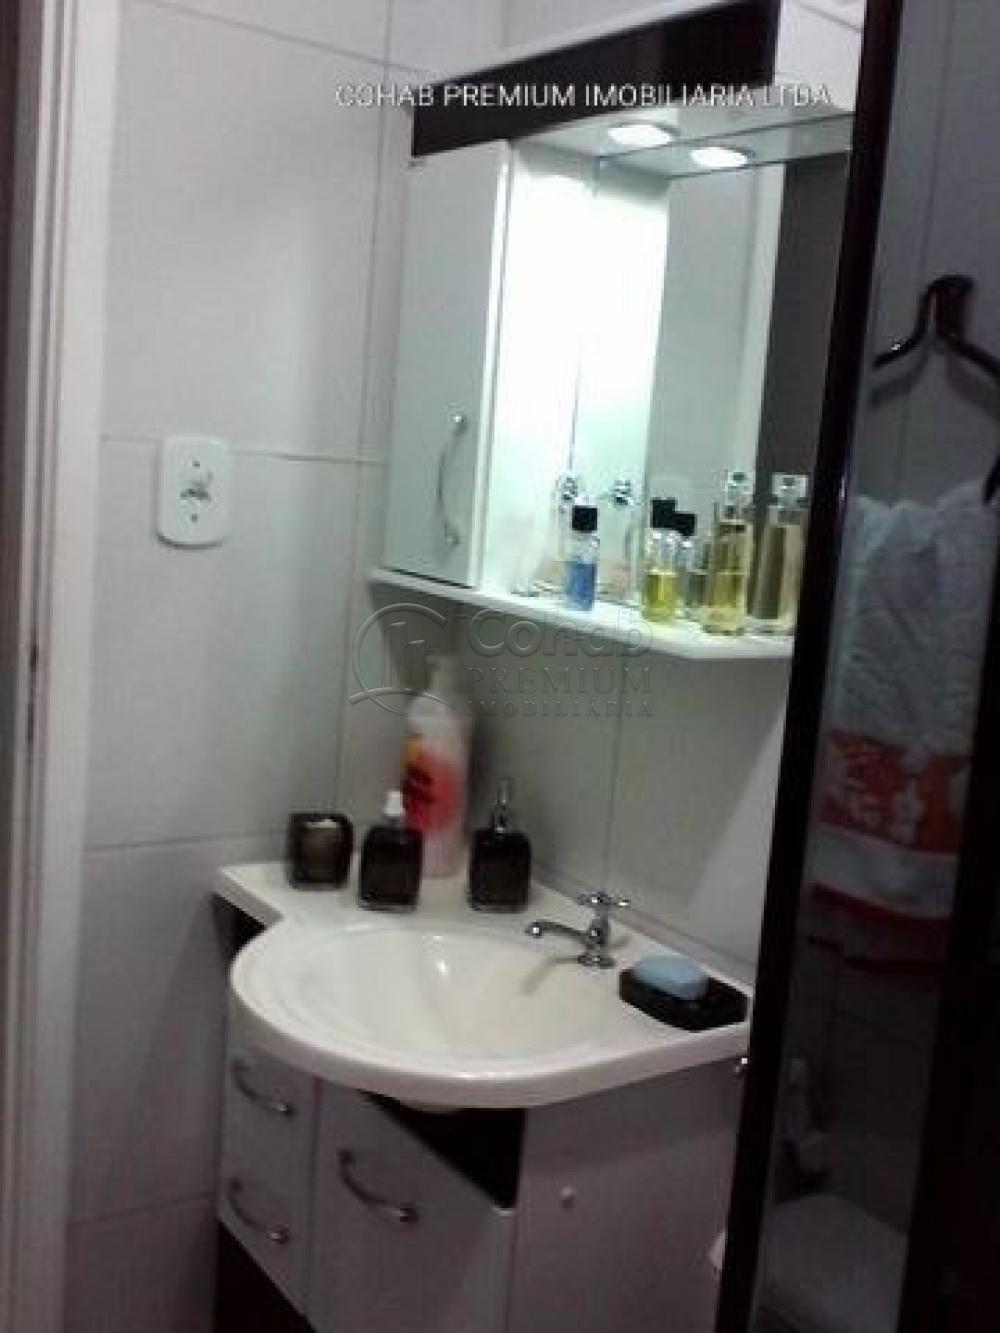 Comprar Apartamento / Padrão em Aracaju apenas R$ 170.000,00 - Foto 12